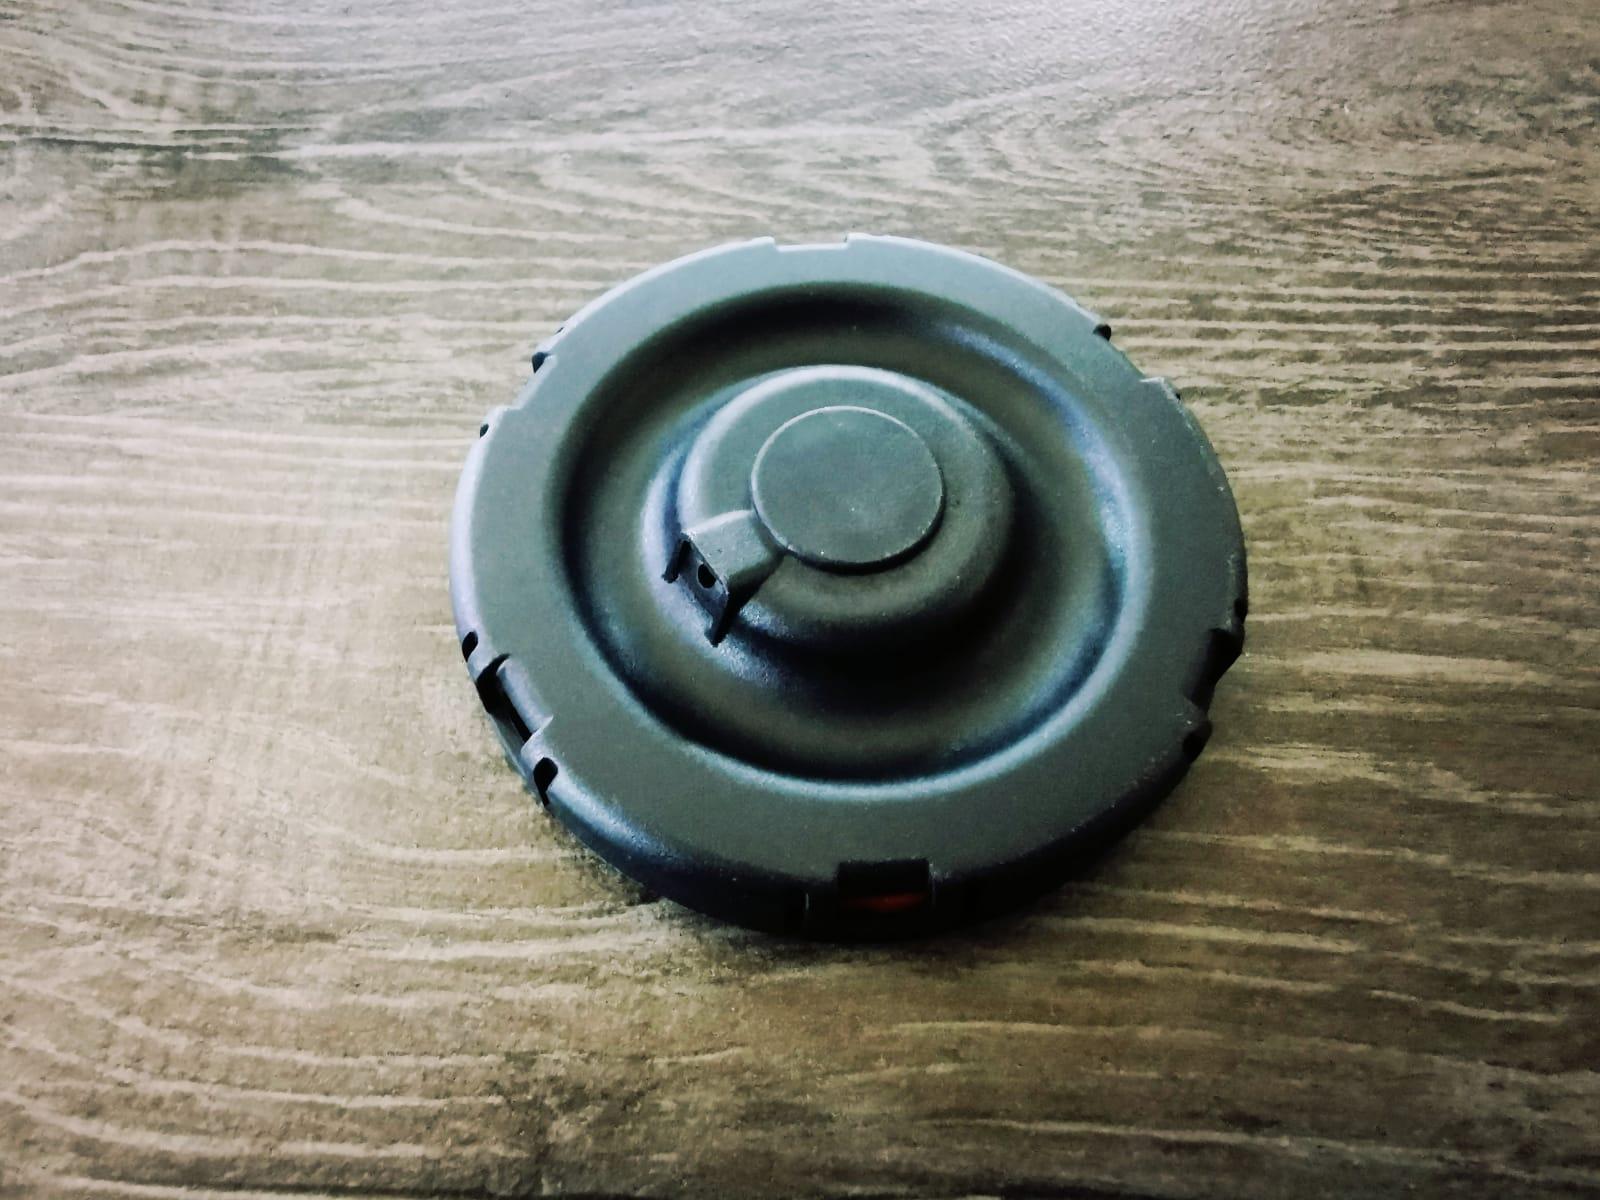 b47-tappet-cover-repair-kit-bw513755rk